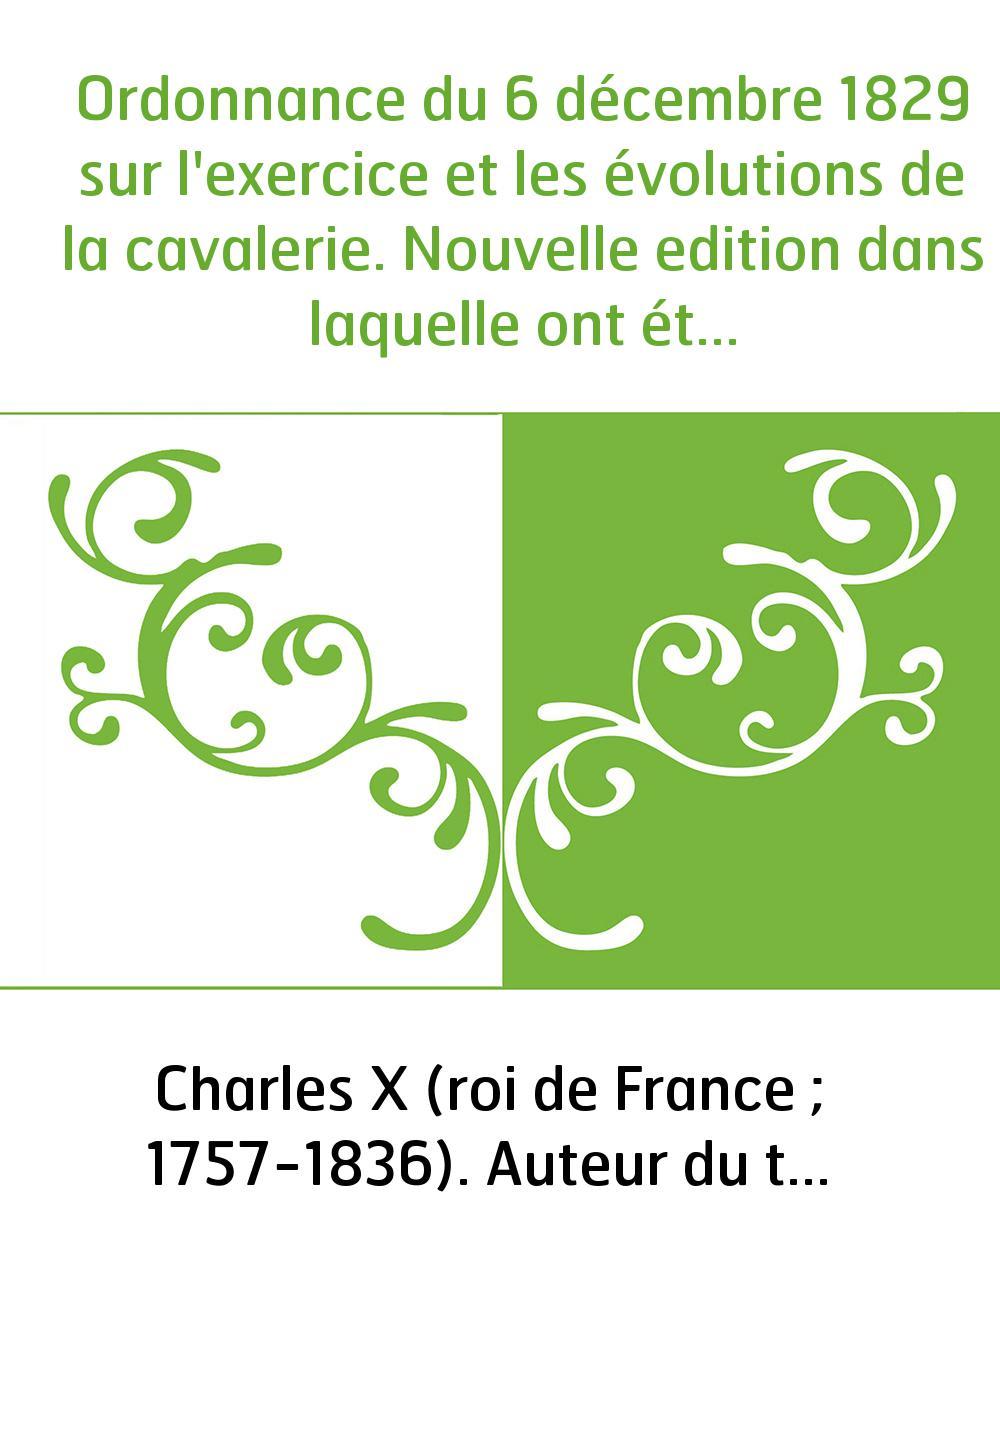 Ordonnance du 6 décembre 1829 sur l'exercice et les évolutions de la cavalerie. Nouvelle edition dans laquelle ont été intercalé